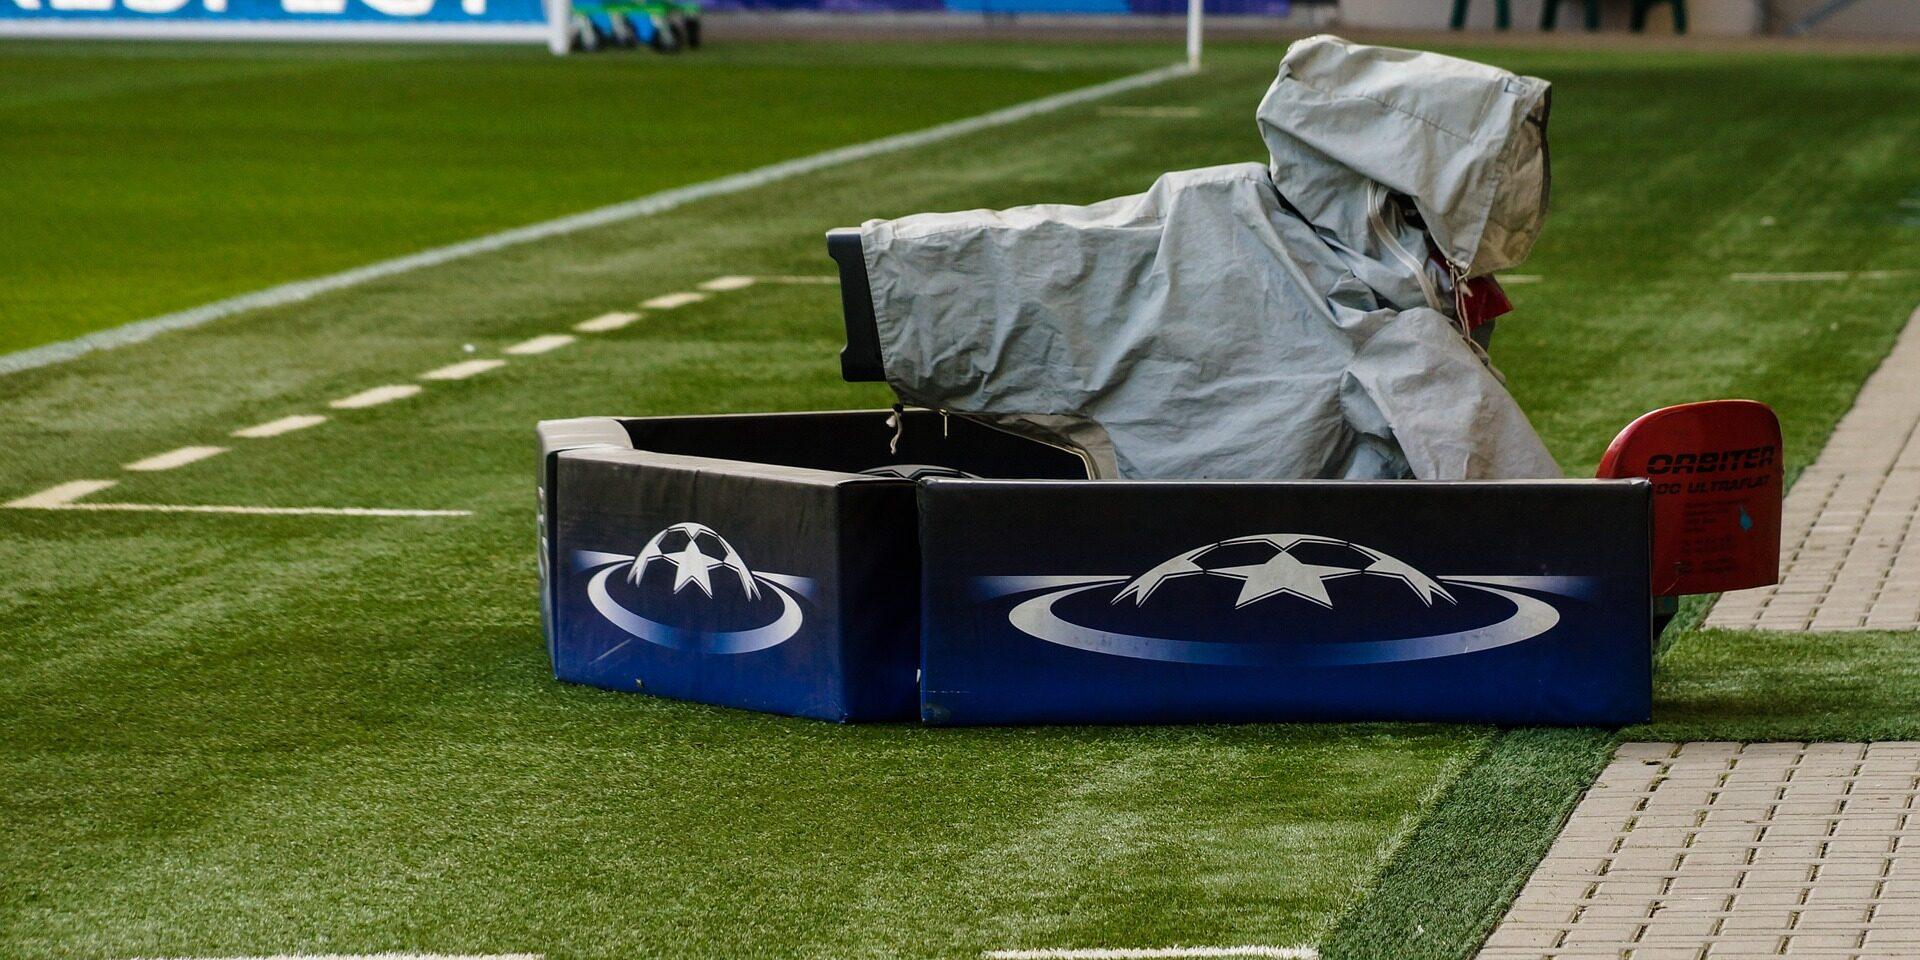 fotball em på tv